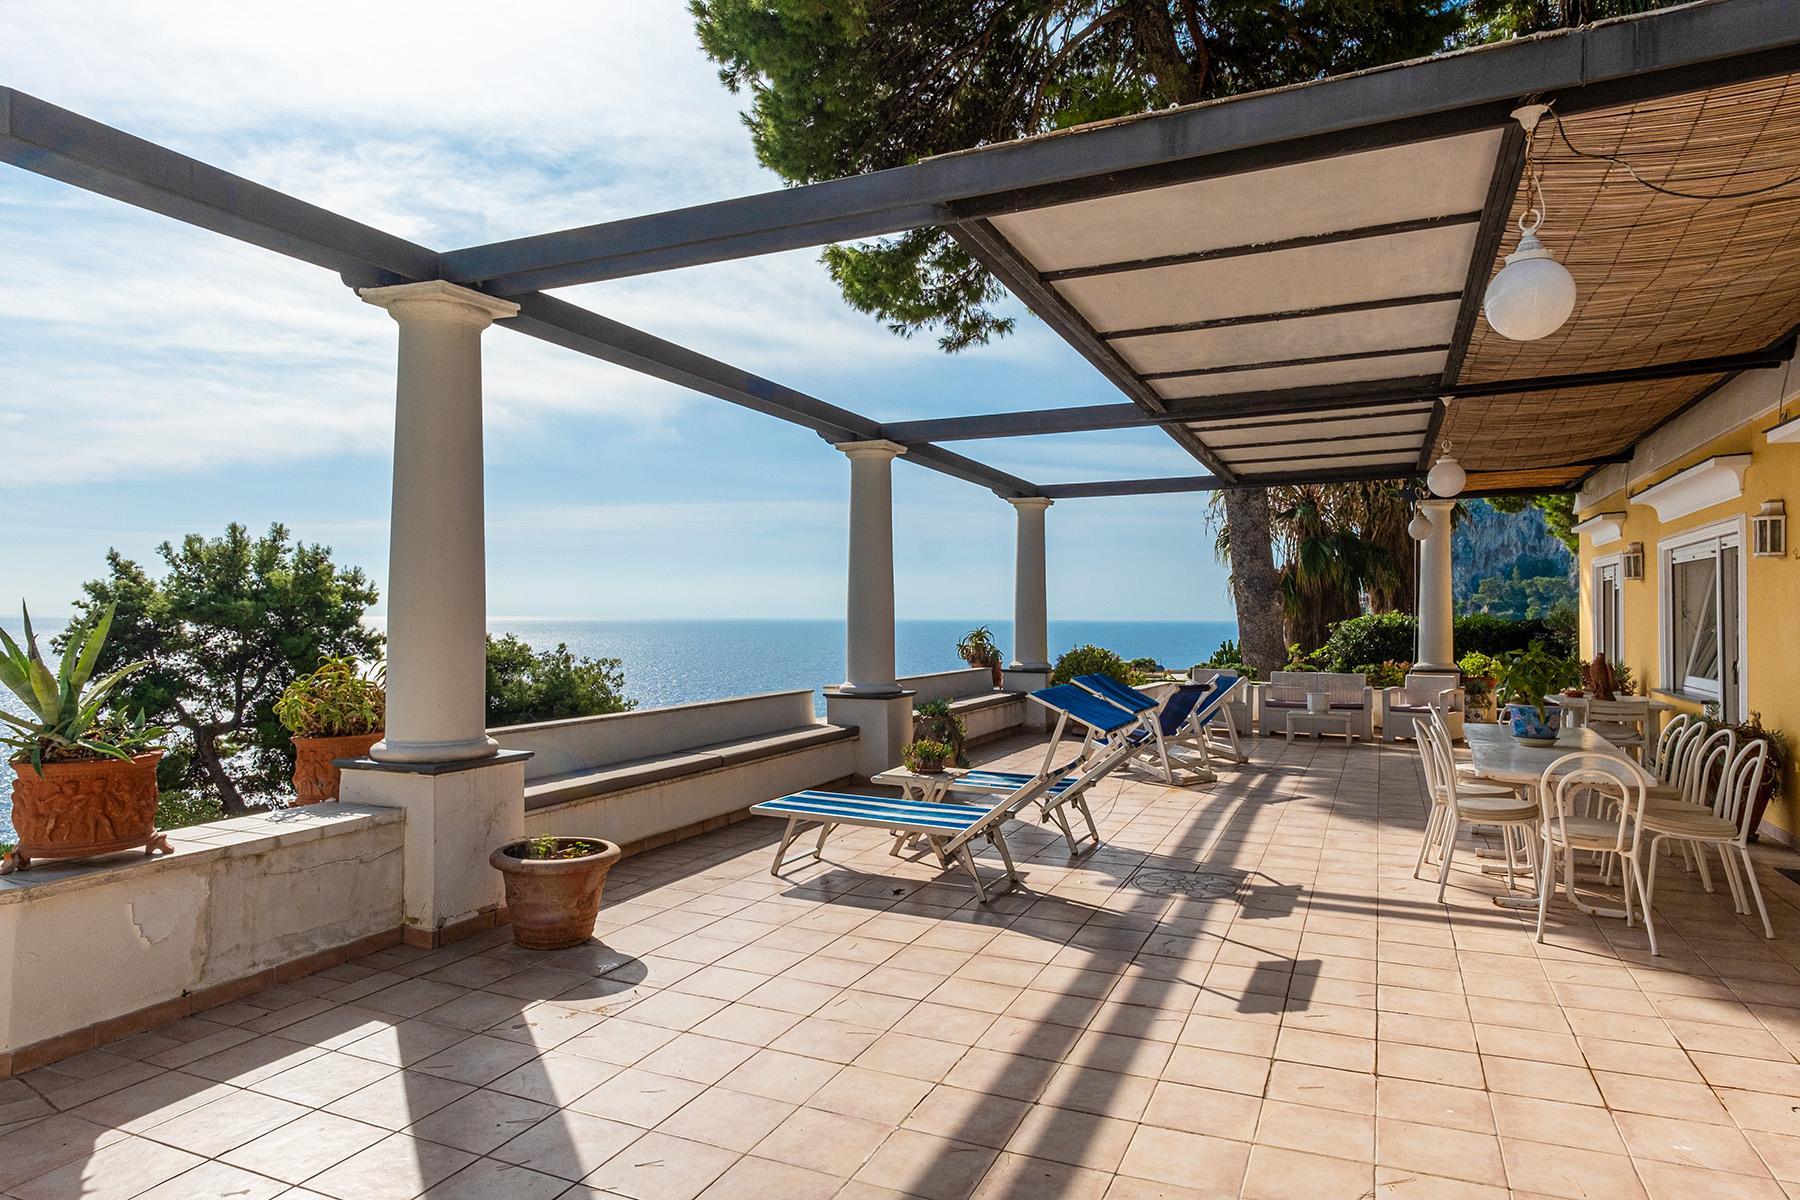 Herrliche Villa am Meer mit Blick - 1